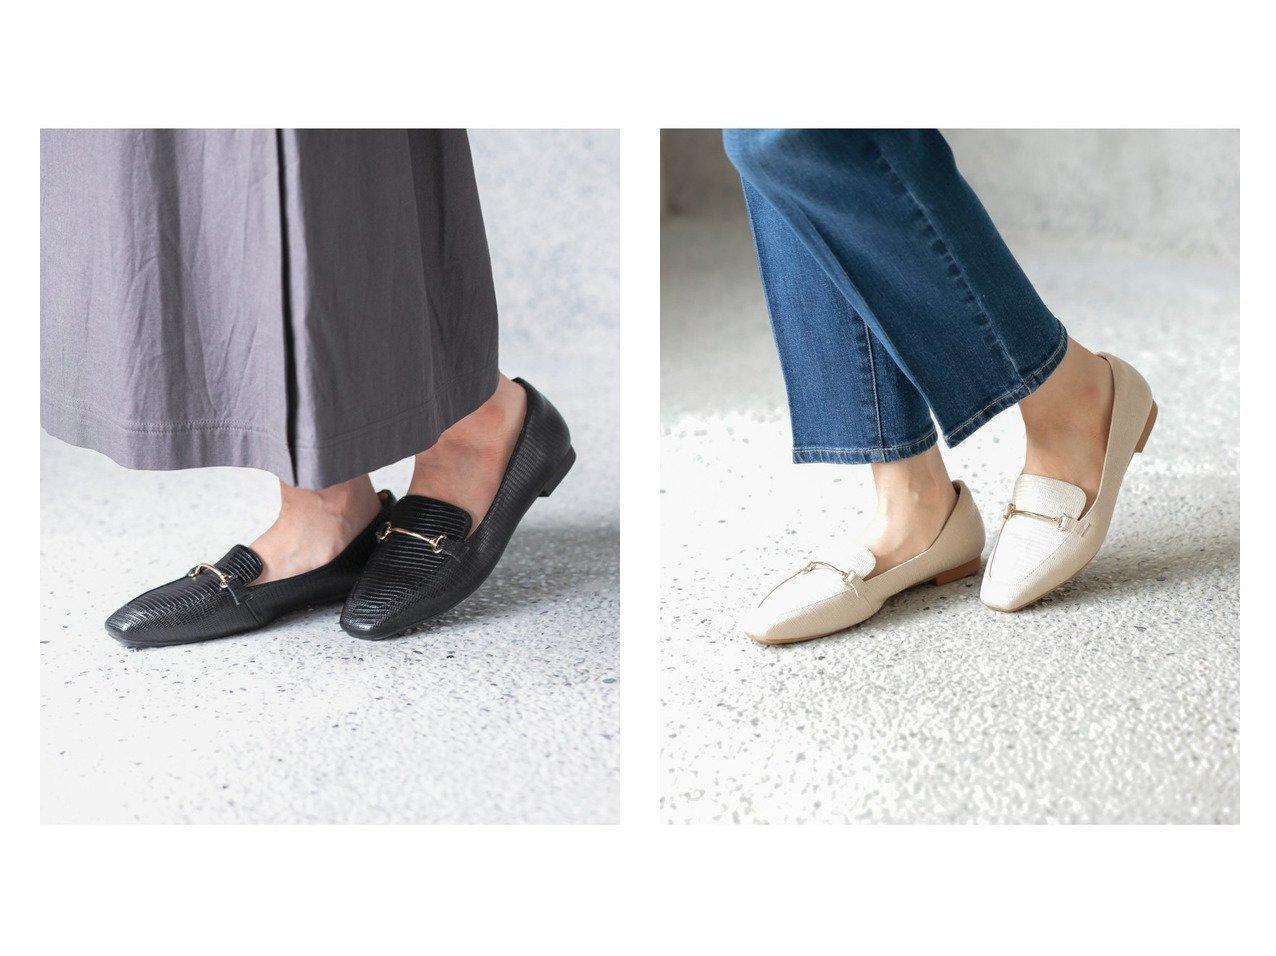 【LEPSIM LOWRYS FARM/レプシィム ローリーズファーム】のビットソフトシューズ 【プチプライス・低価格】おすすめ!人気、トレンド・レディースファッションの通販 おすすめで人気の流行・トレンド、ファッションの通販商品 インテリア・家具・メンズファッション・キッズファッション・レディースファッション・服の通販 founy(ファニー) https://founy.com/ ファッション Fashion レディースファッション WOMEN クッション シューズ 抗菌 |ID:crp329100000072085